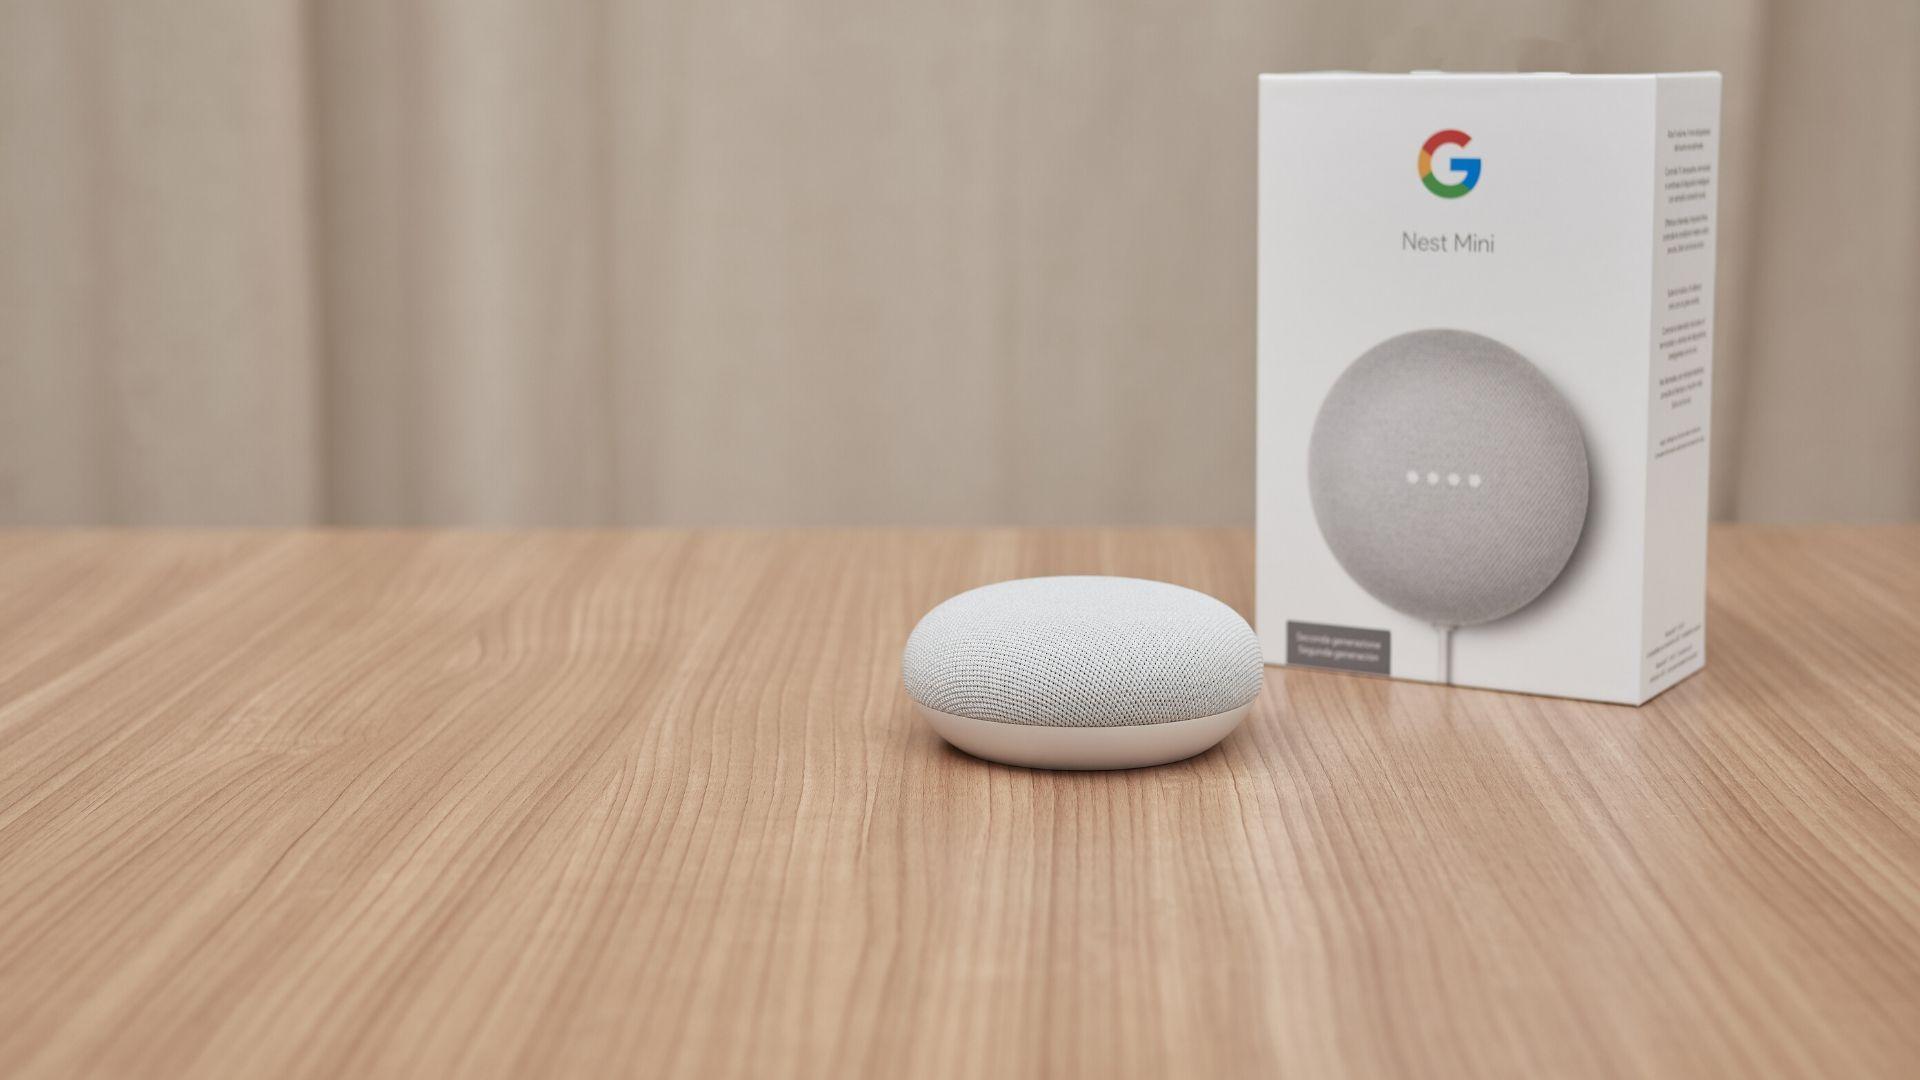 Google Nest Mini: como funciona a caixa de som inteligente do Google?